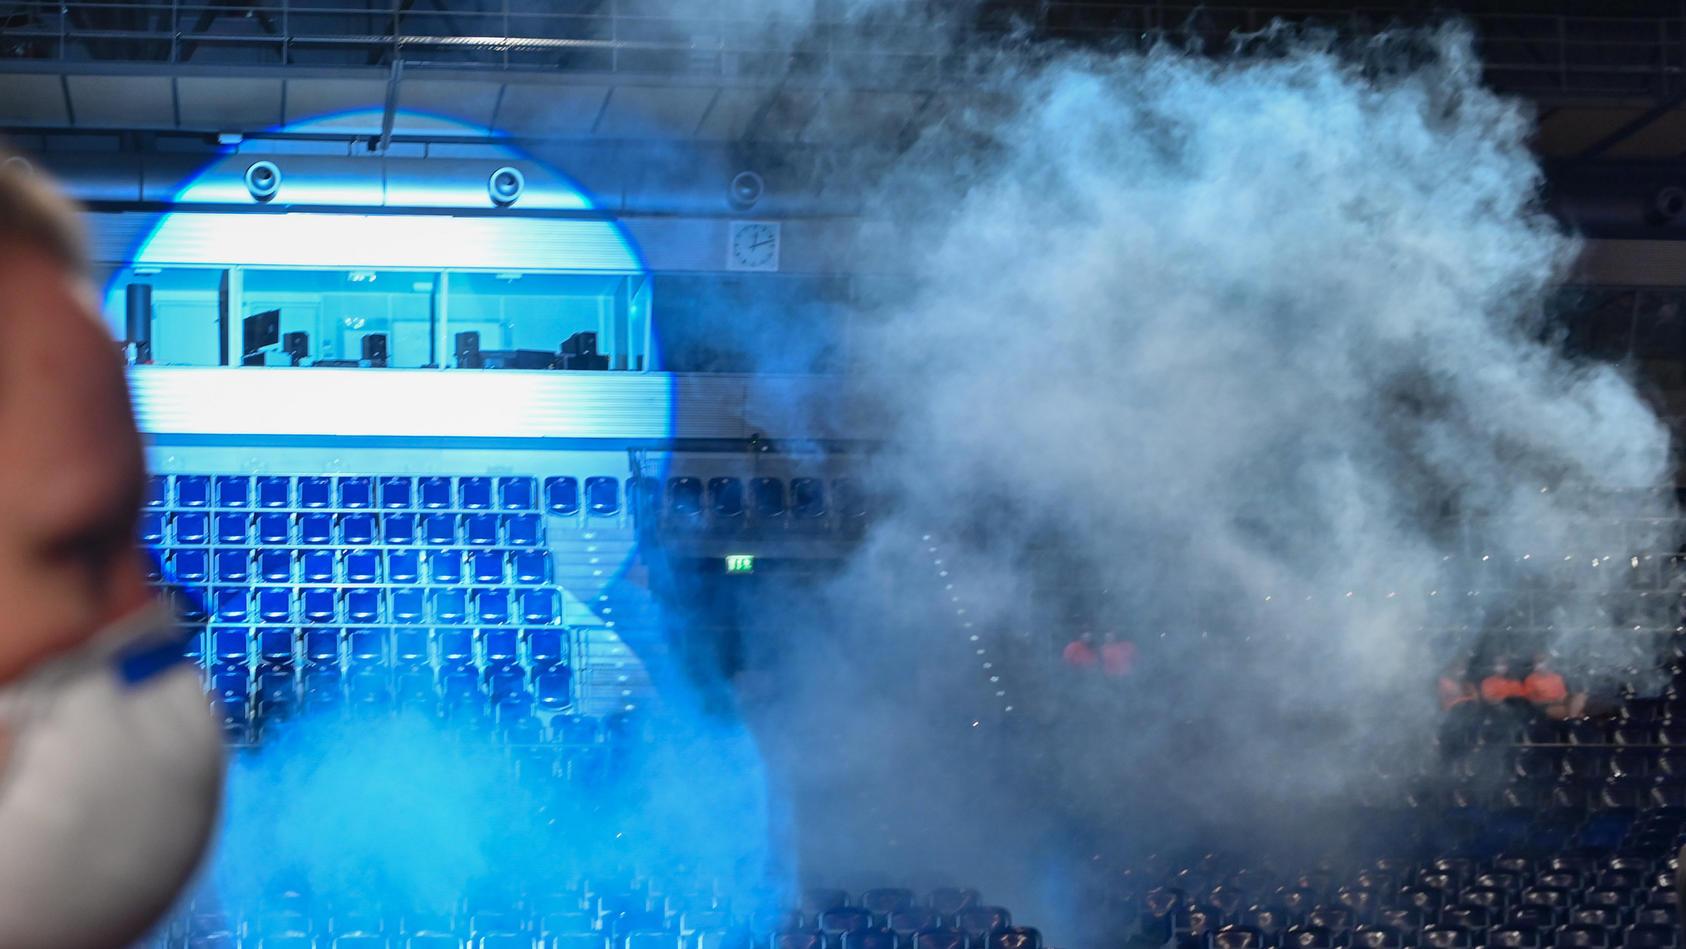 Bei einem Experiment wird der Atemausstoß mit Nebel sichtbar gemacht.